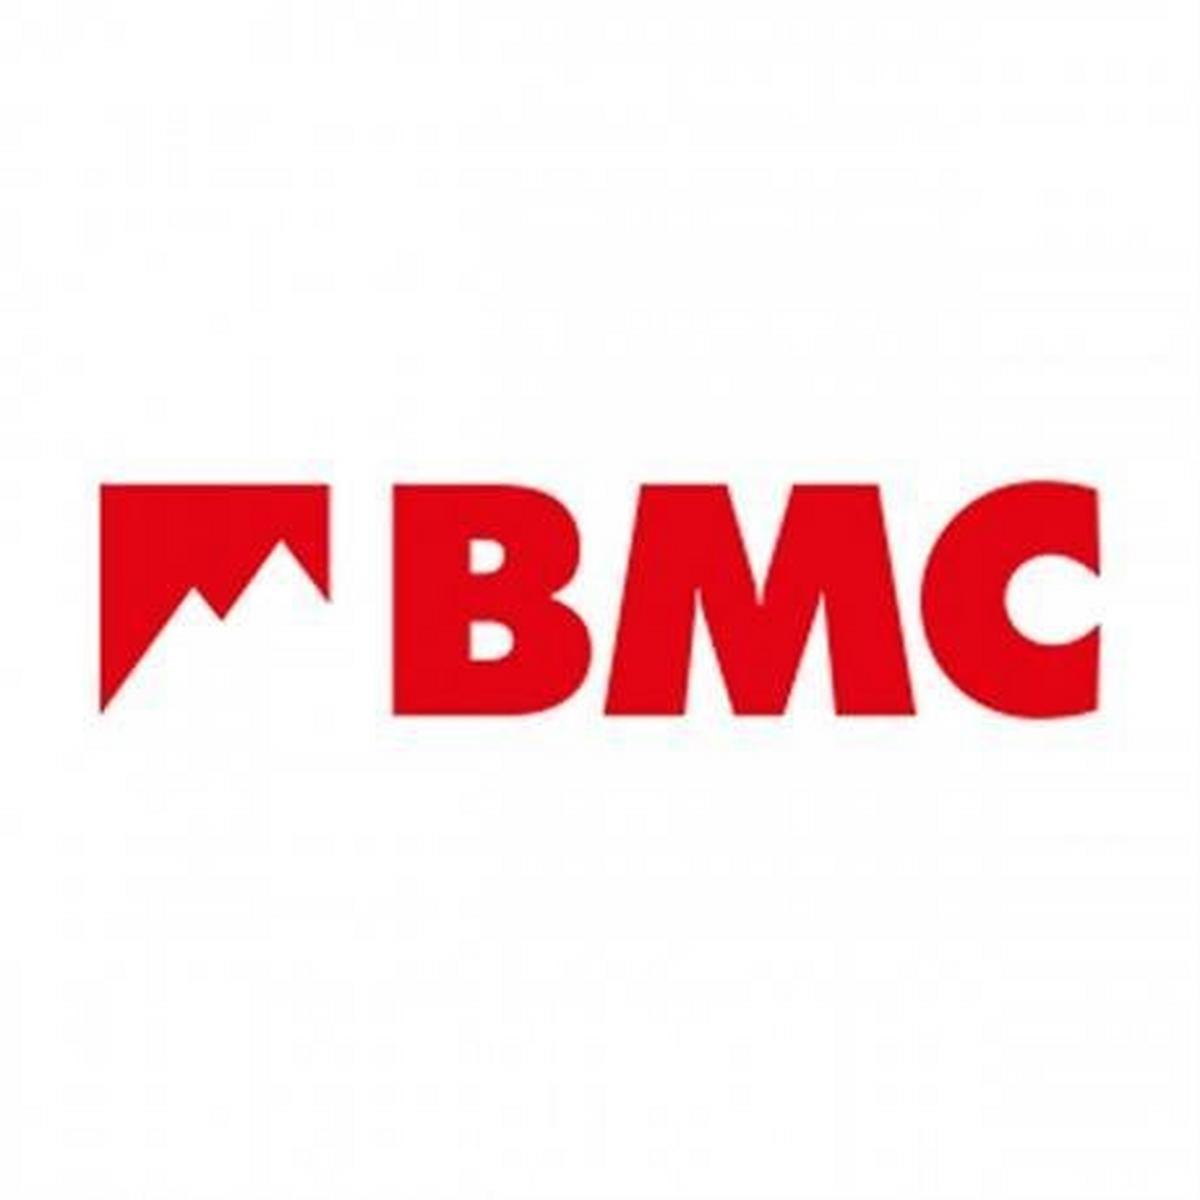 Bmc Climbing Guide Book: Lancashire Rock